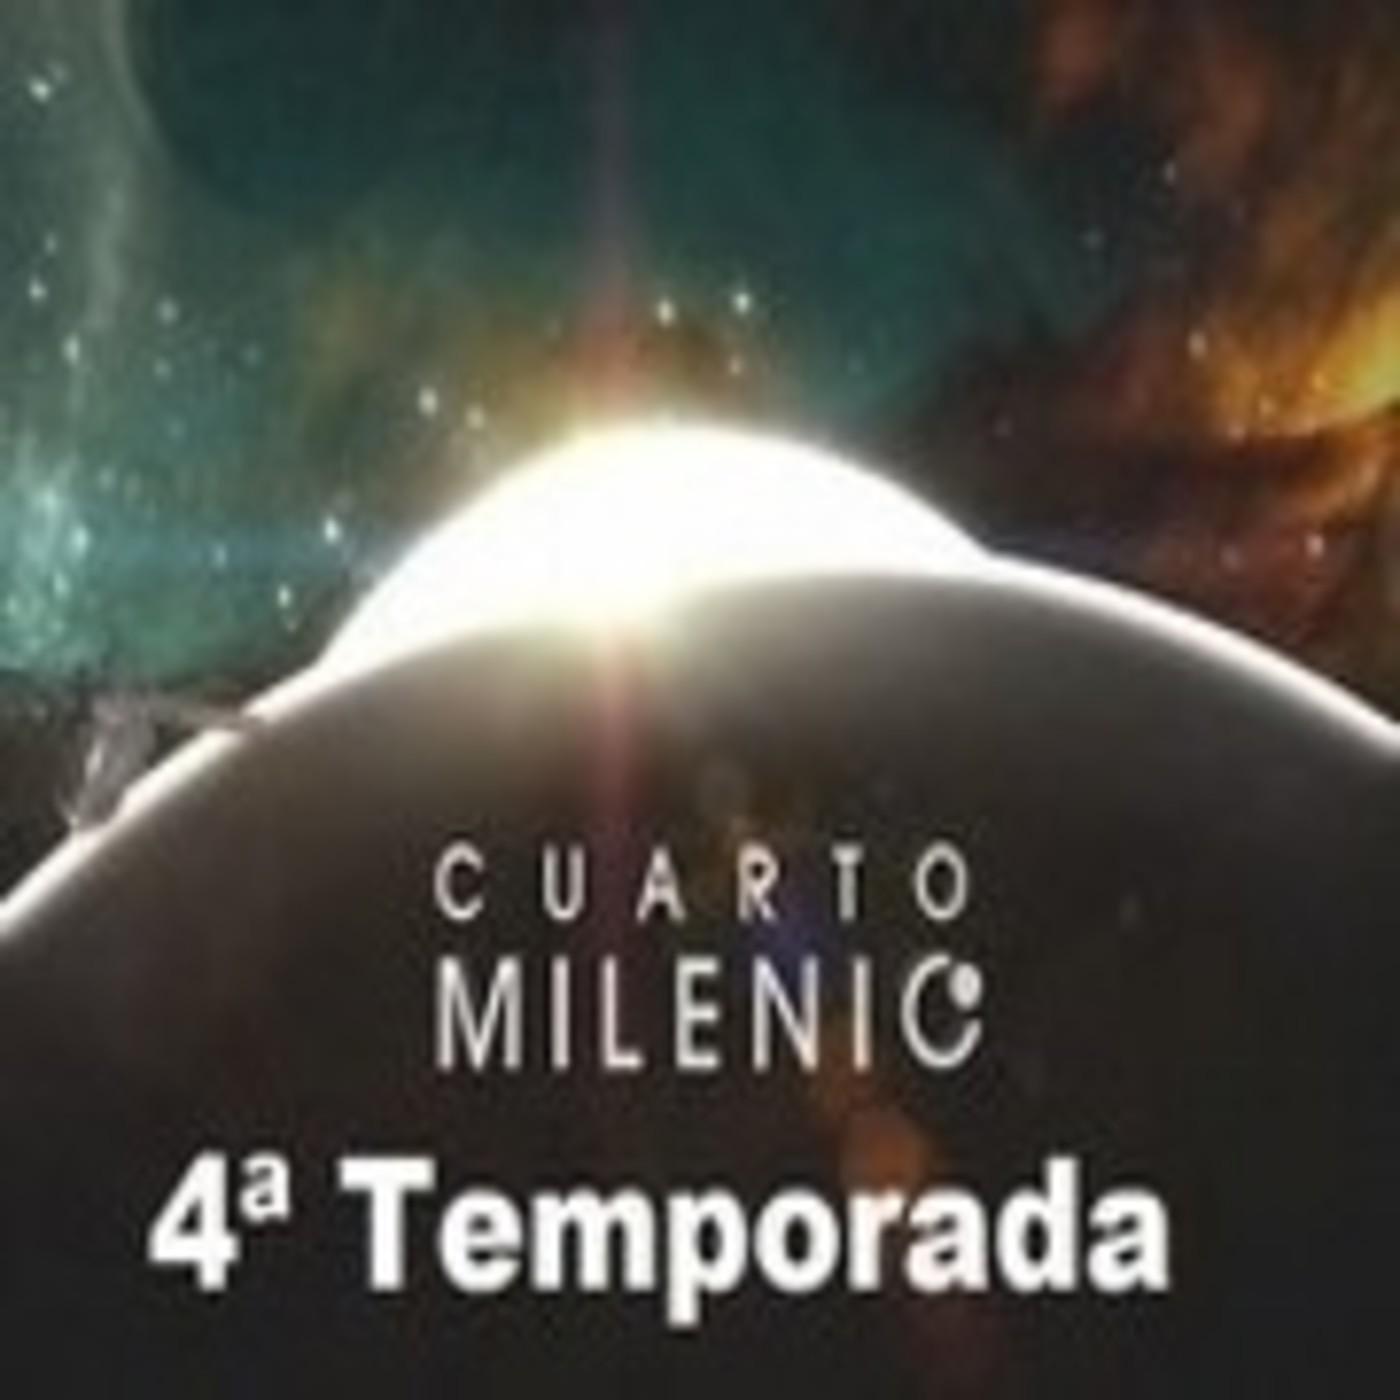 Cuarto Milenio -- Temporada 4/Programa 39 - La Casa de los Miedos en ...